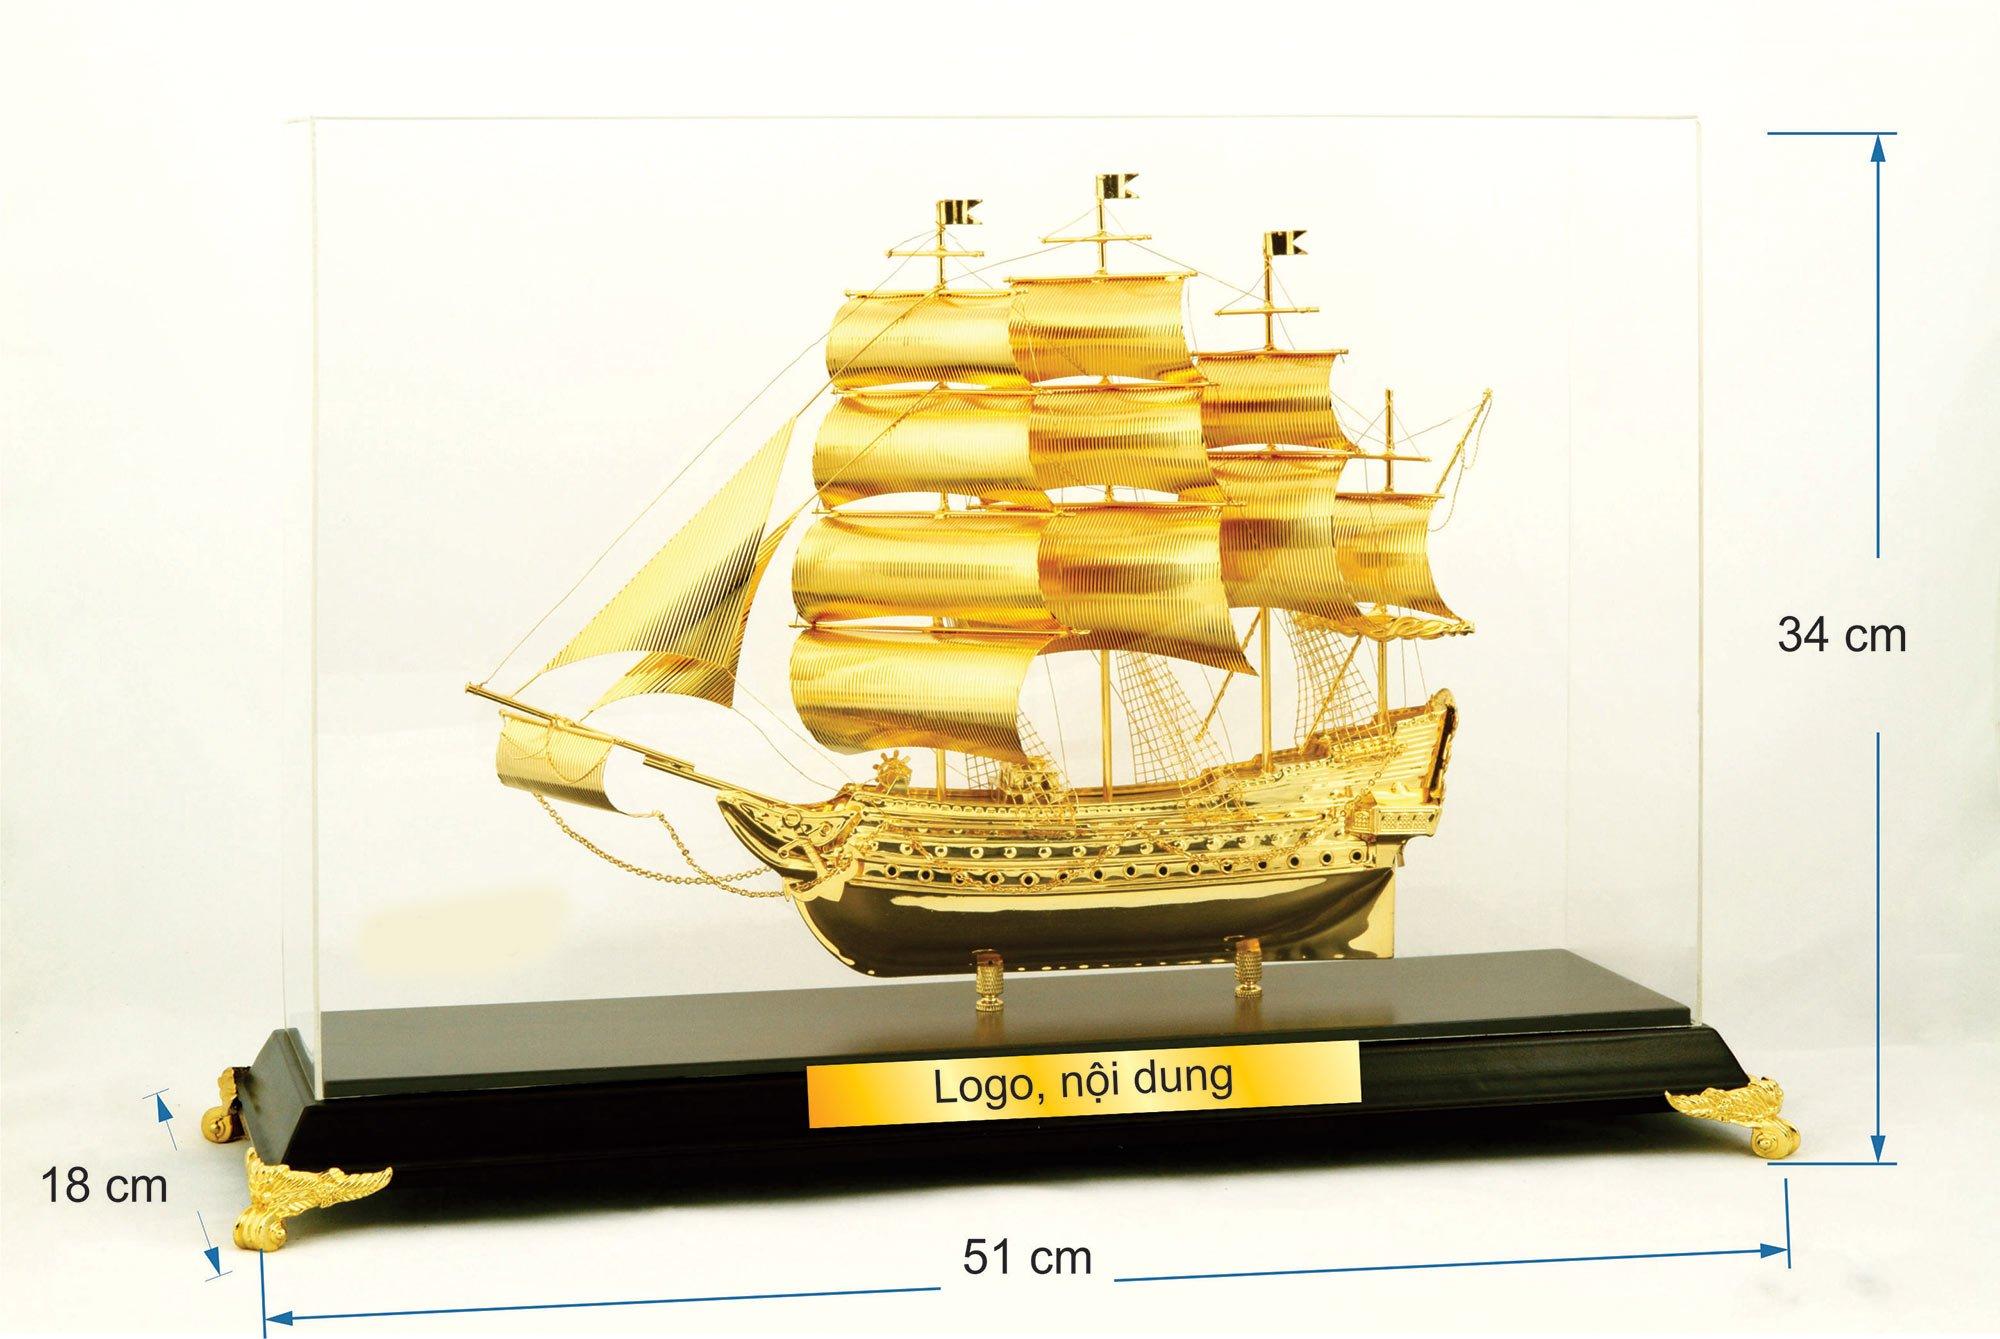 Thuyền buồm mạ vàng cỡ đại 49